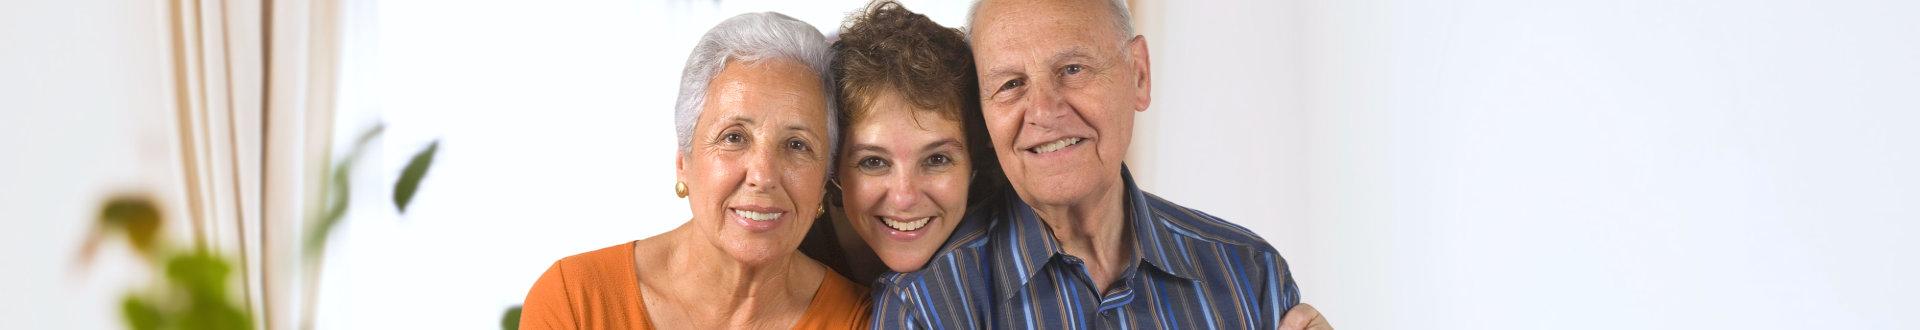 senior couple and their caregiver smiling